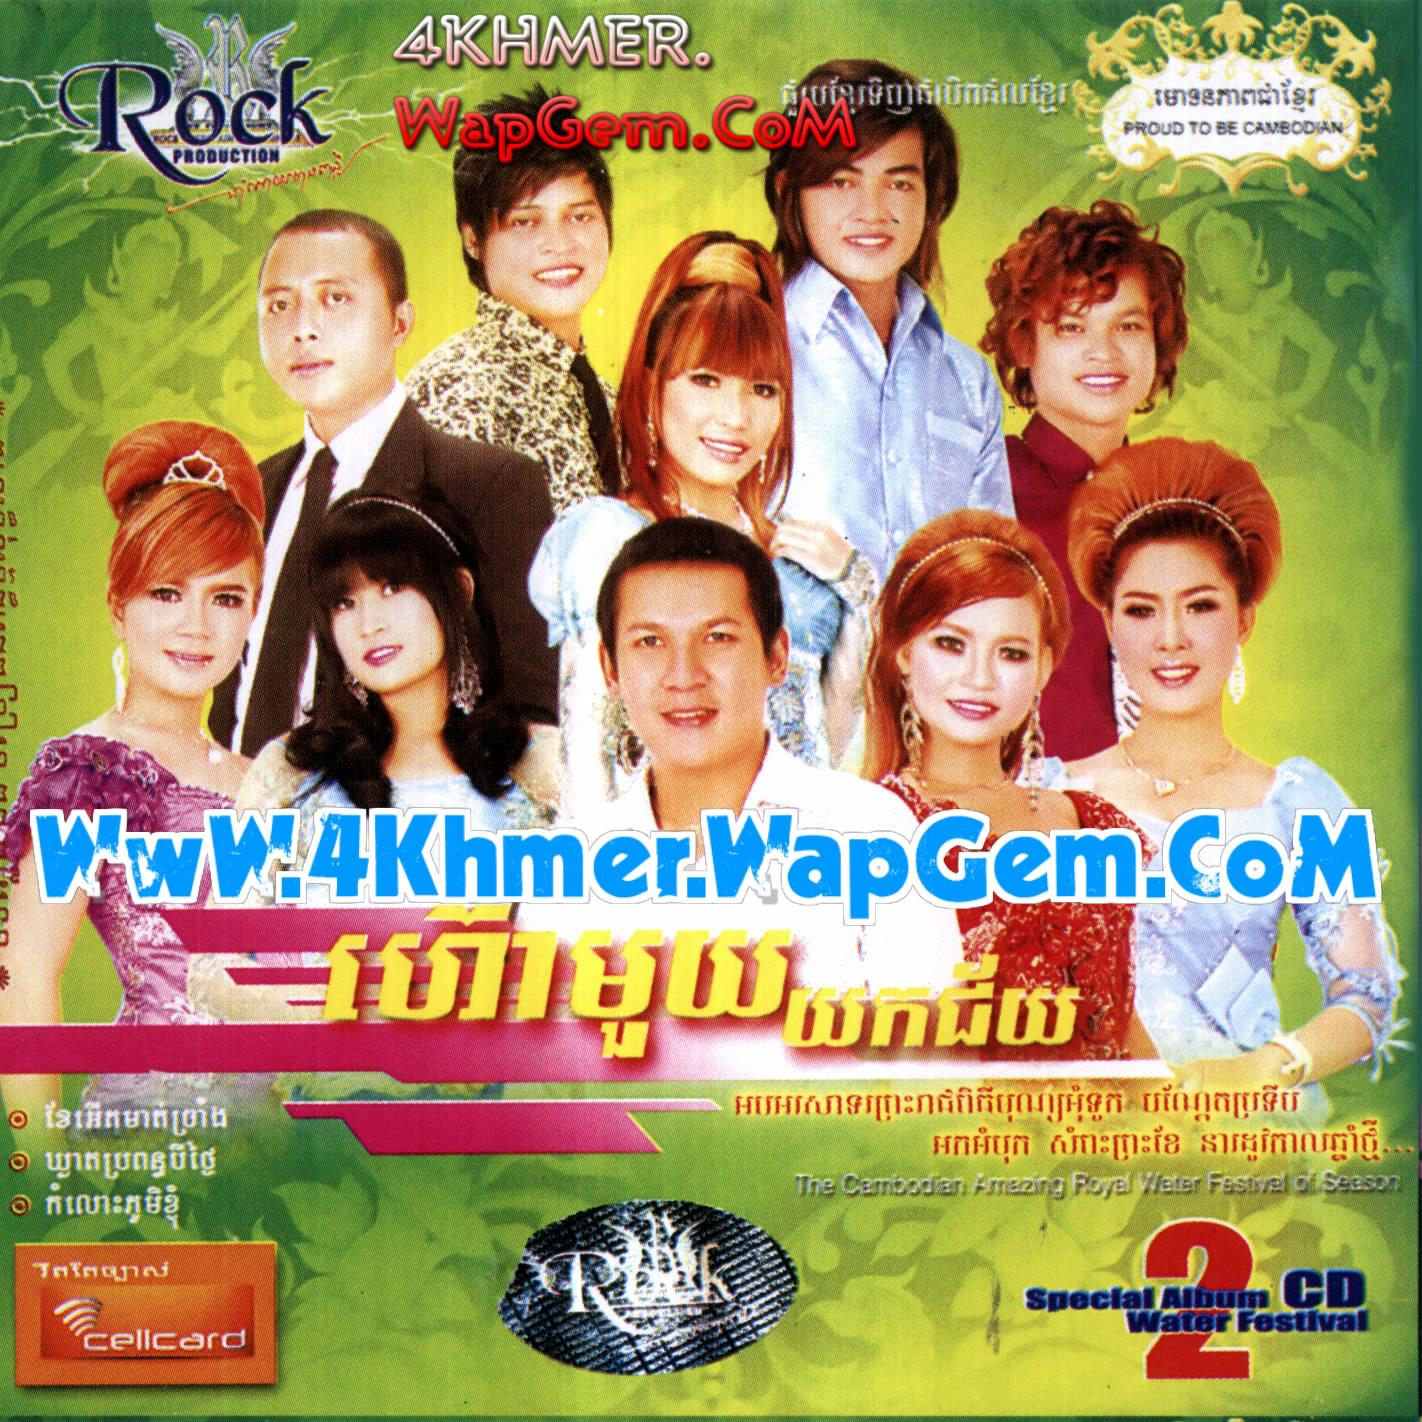 Rock CD Vol 02